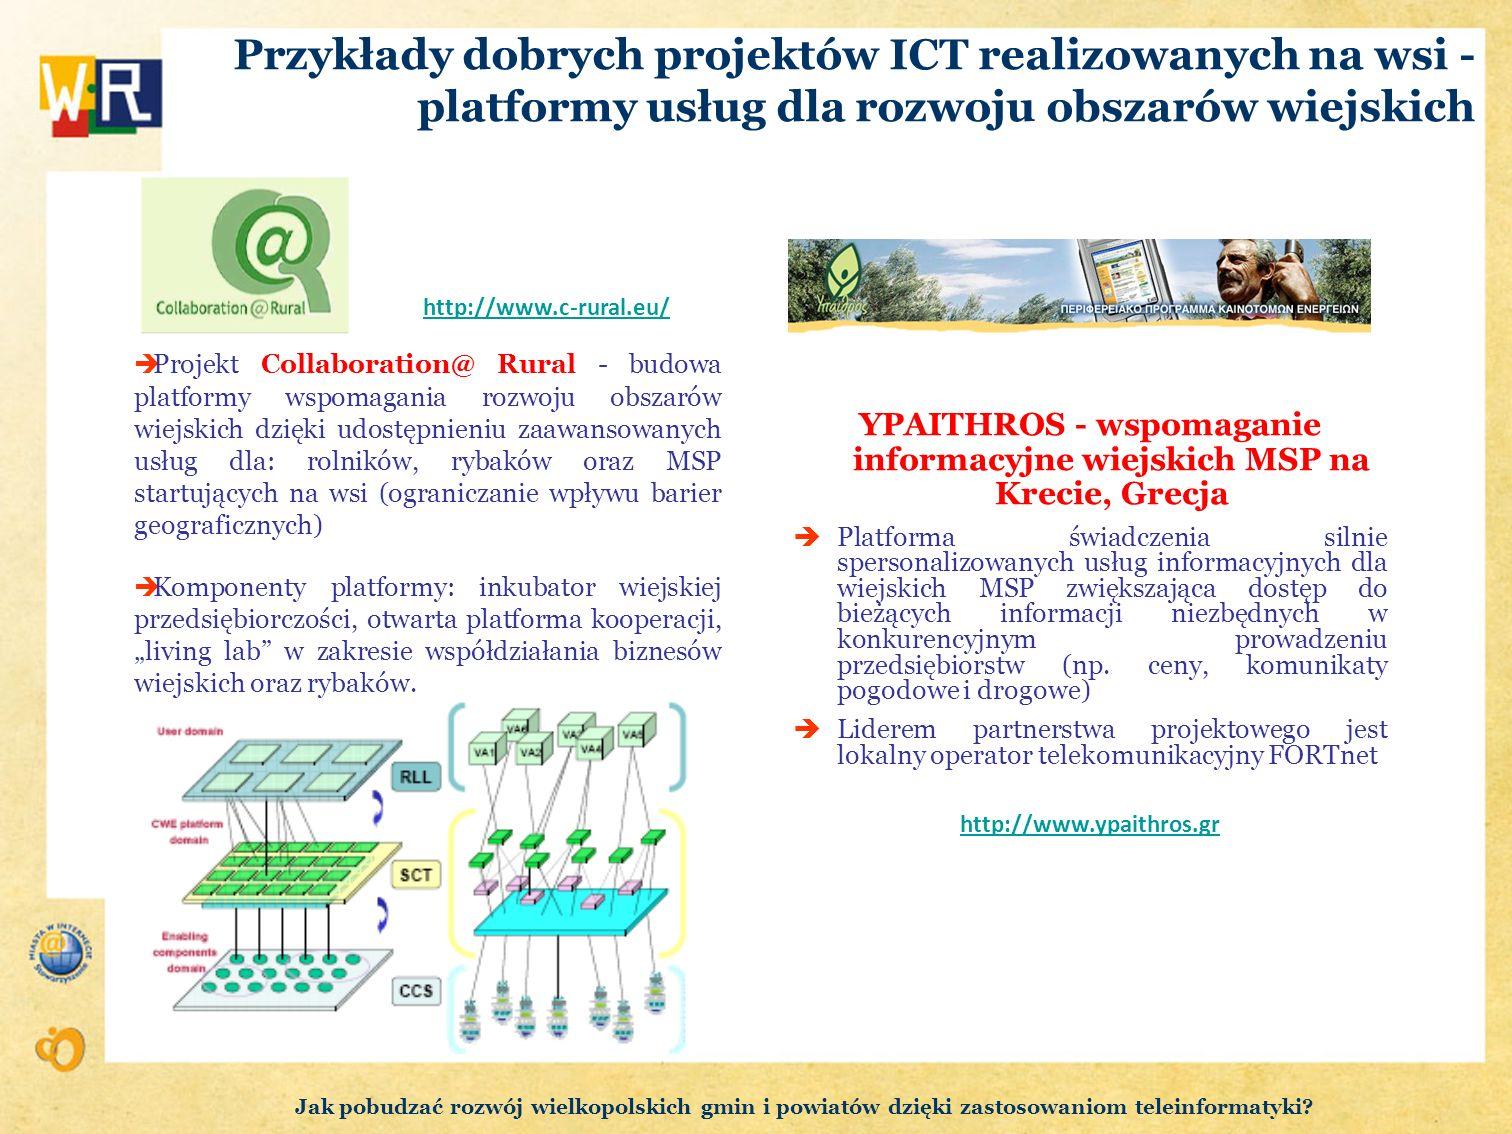 YPAITHROS - wspomaganie informacyjne wiejskich MSP na Krecie, Grecja